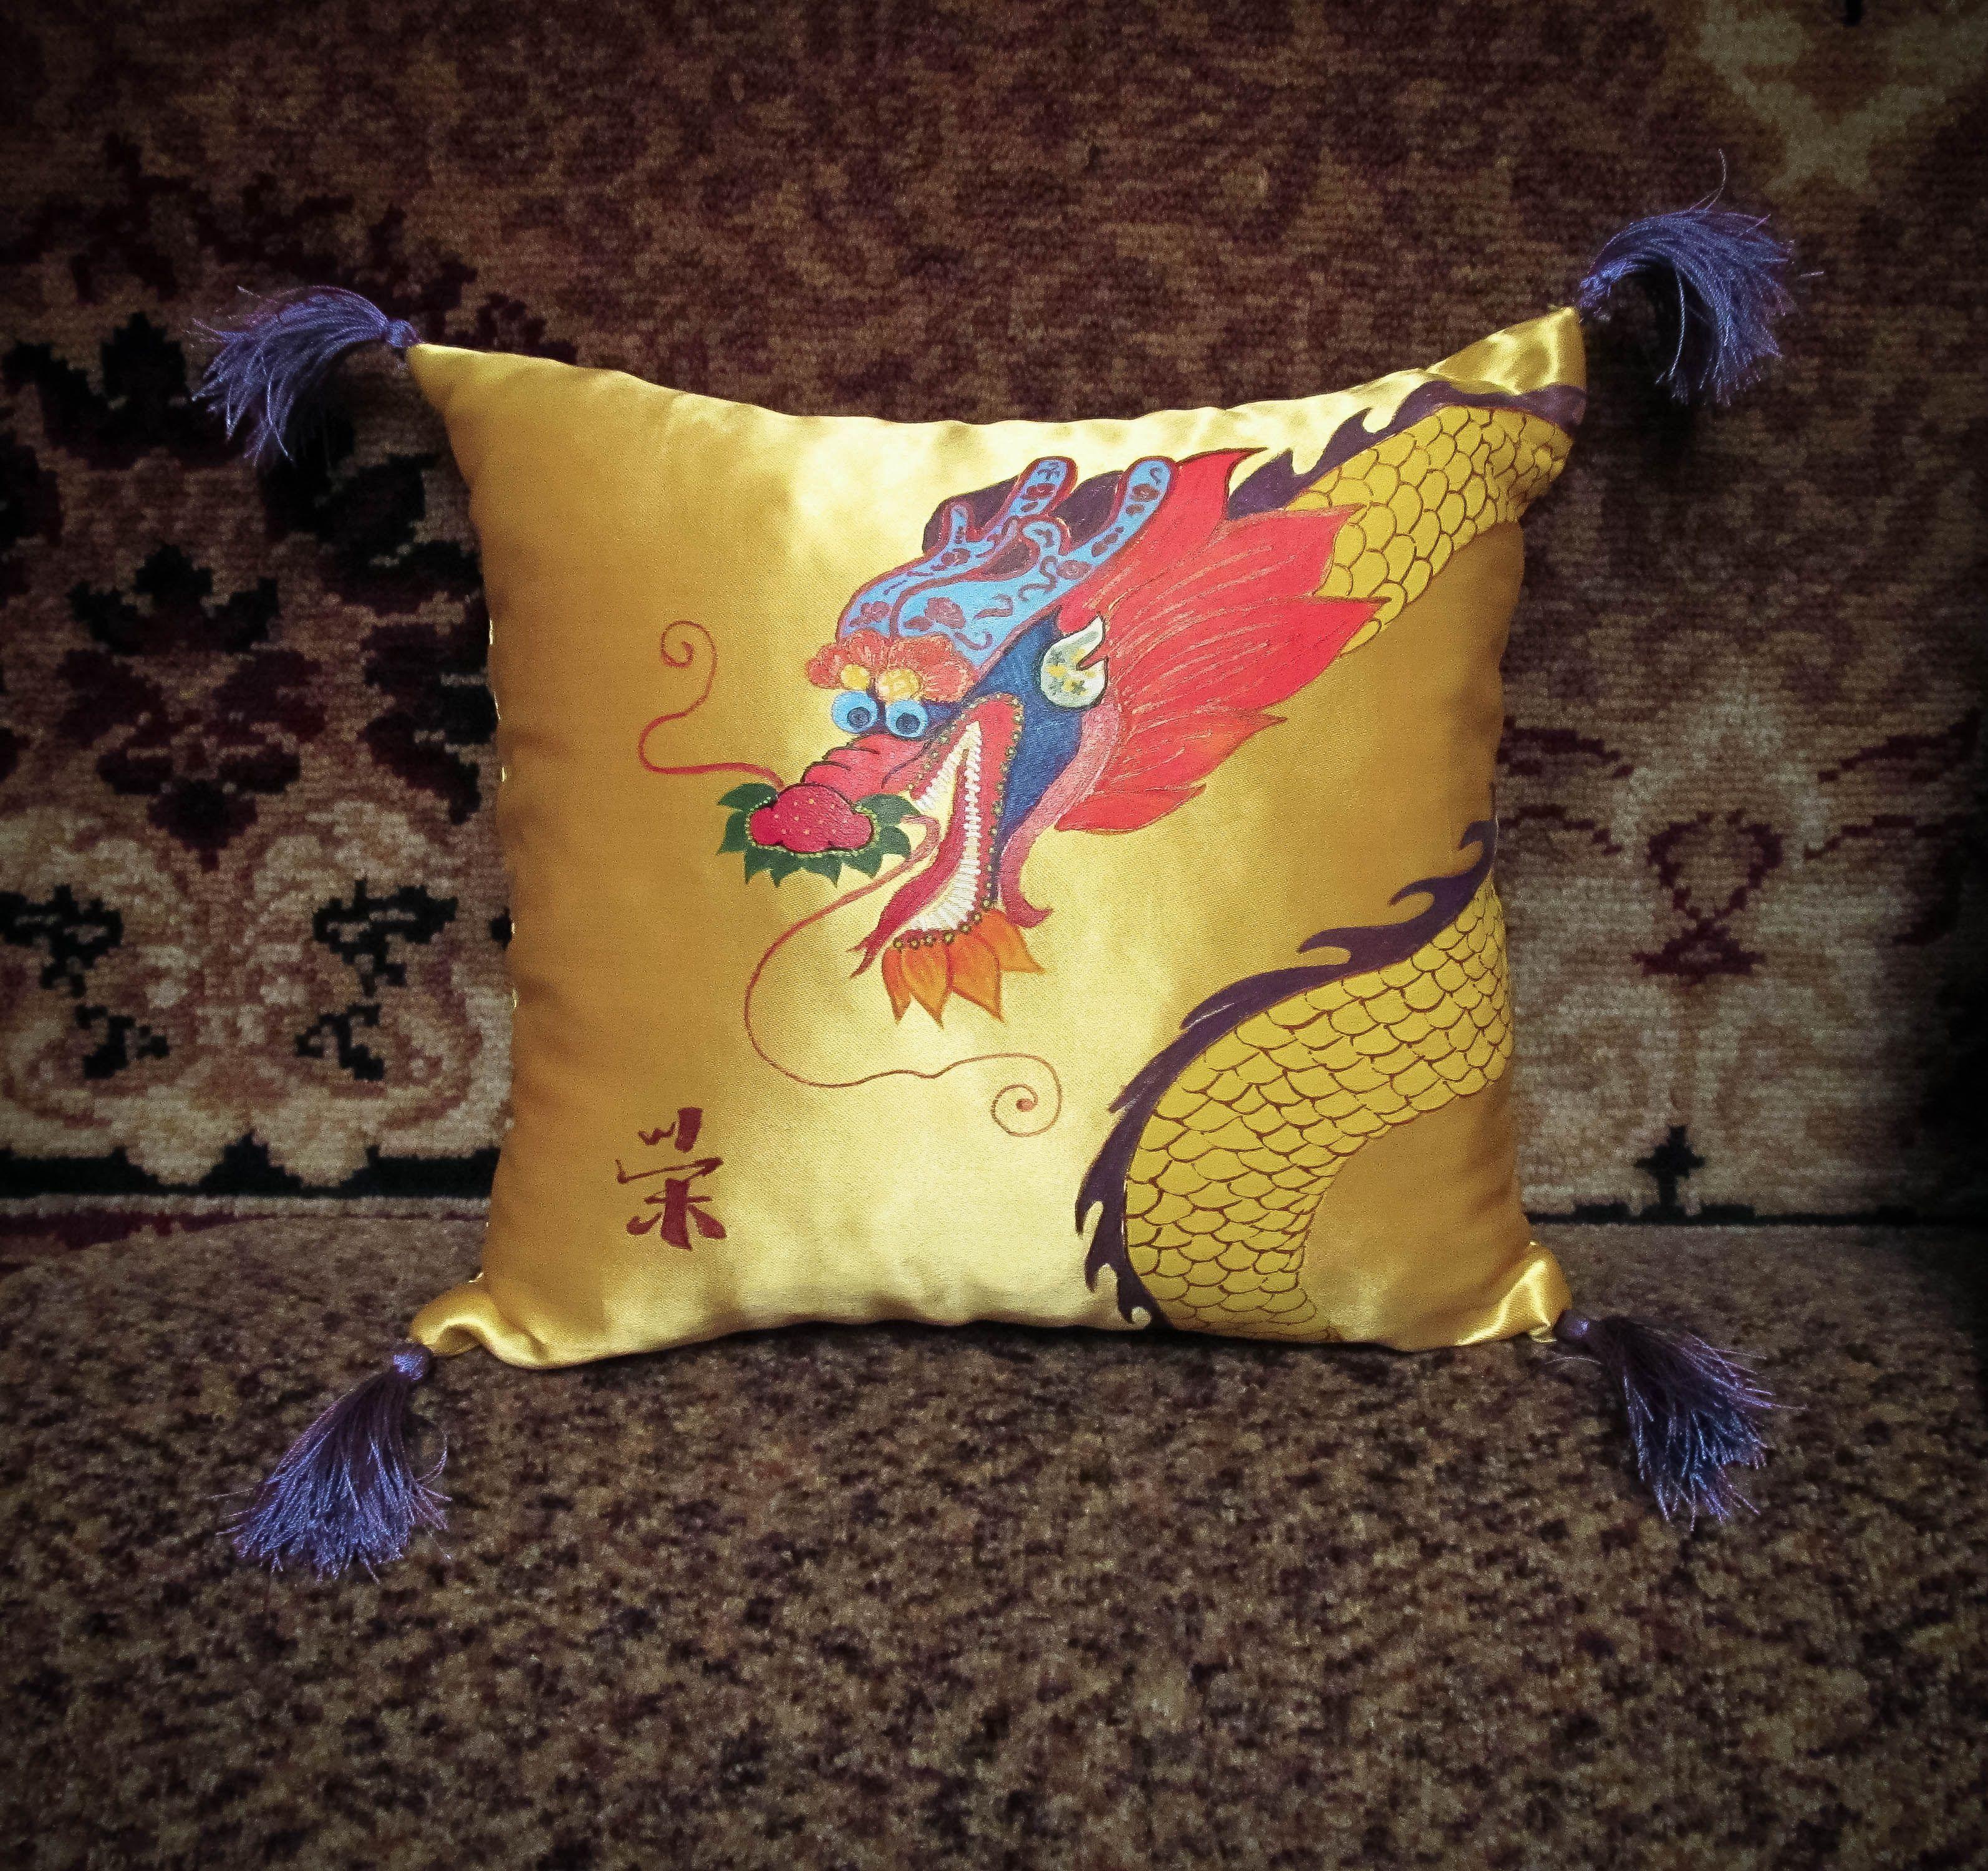 змей китай дракон подушка интерьер роспись